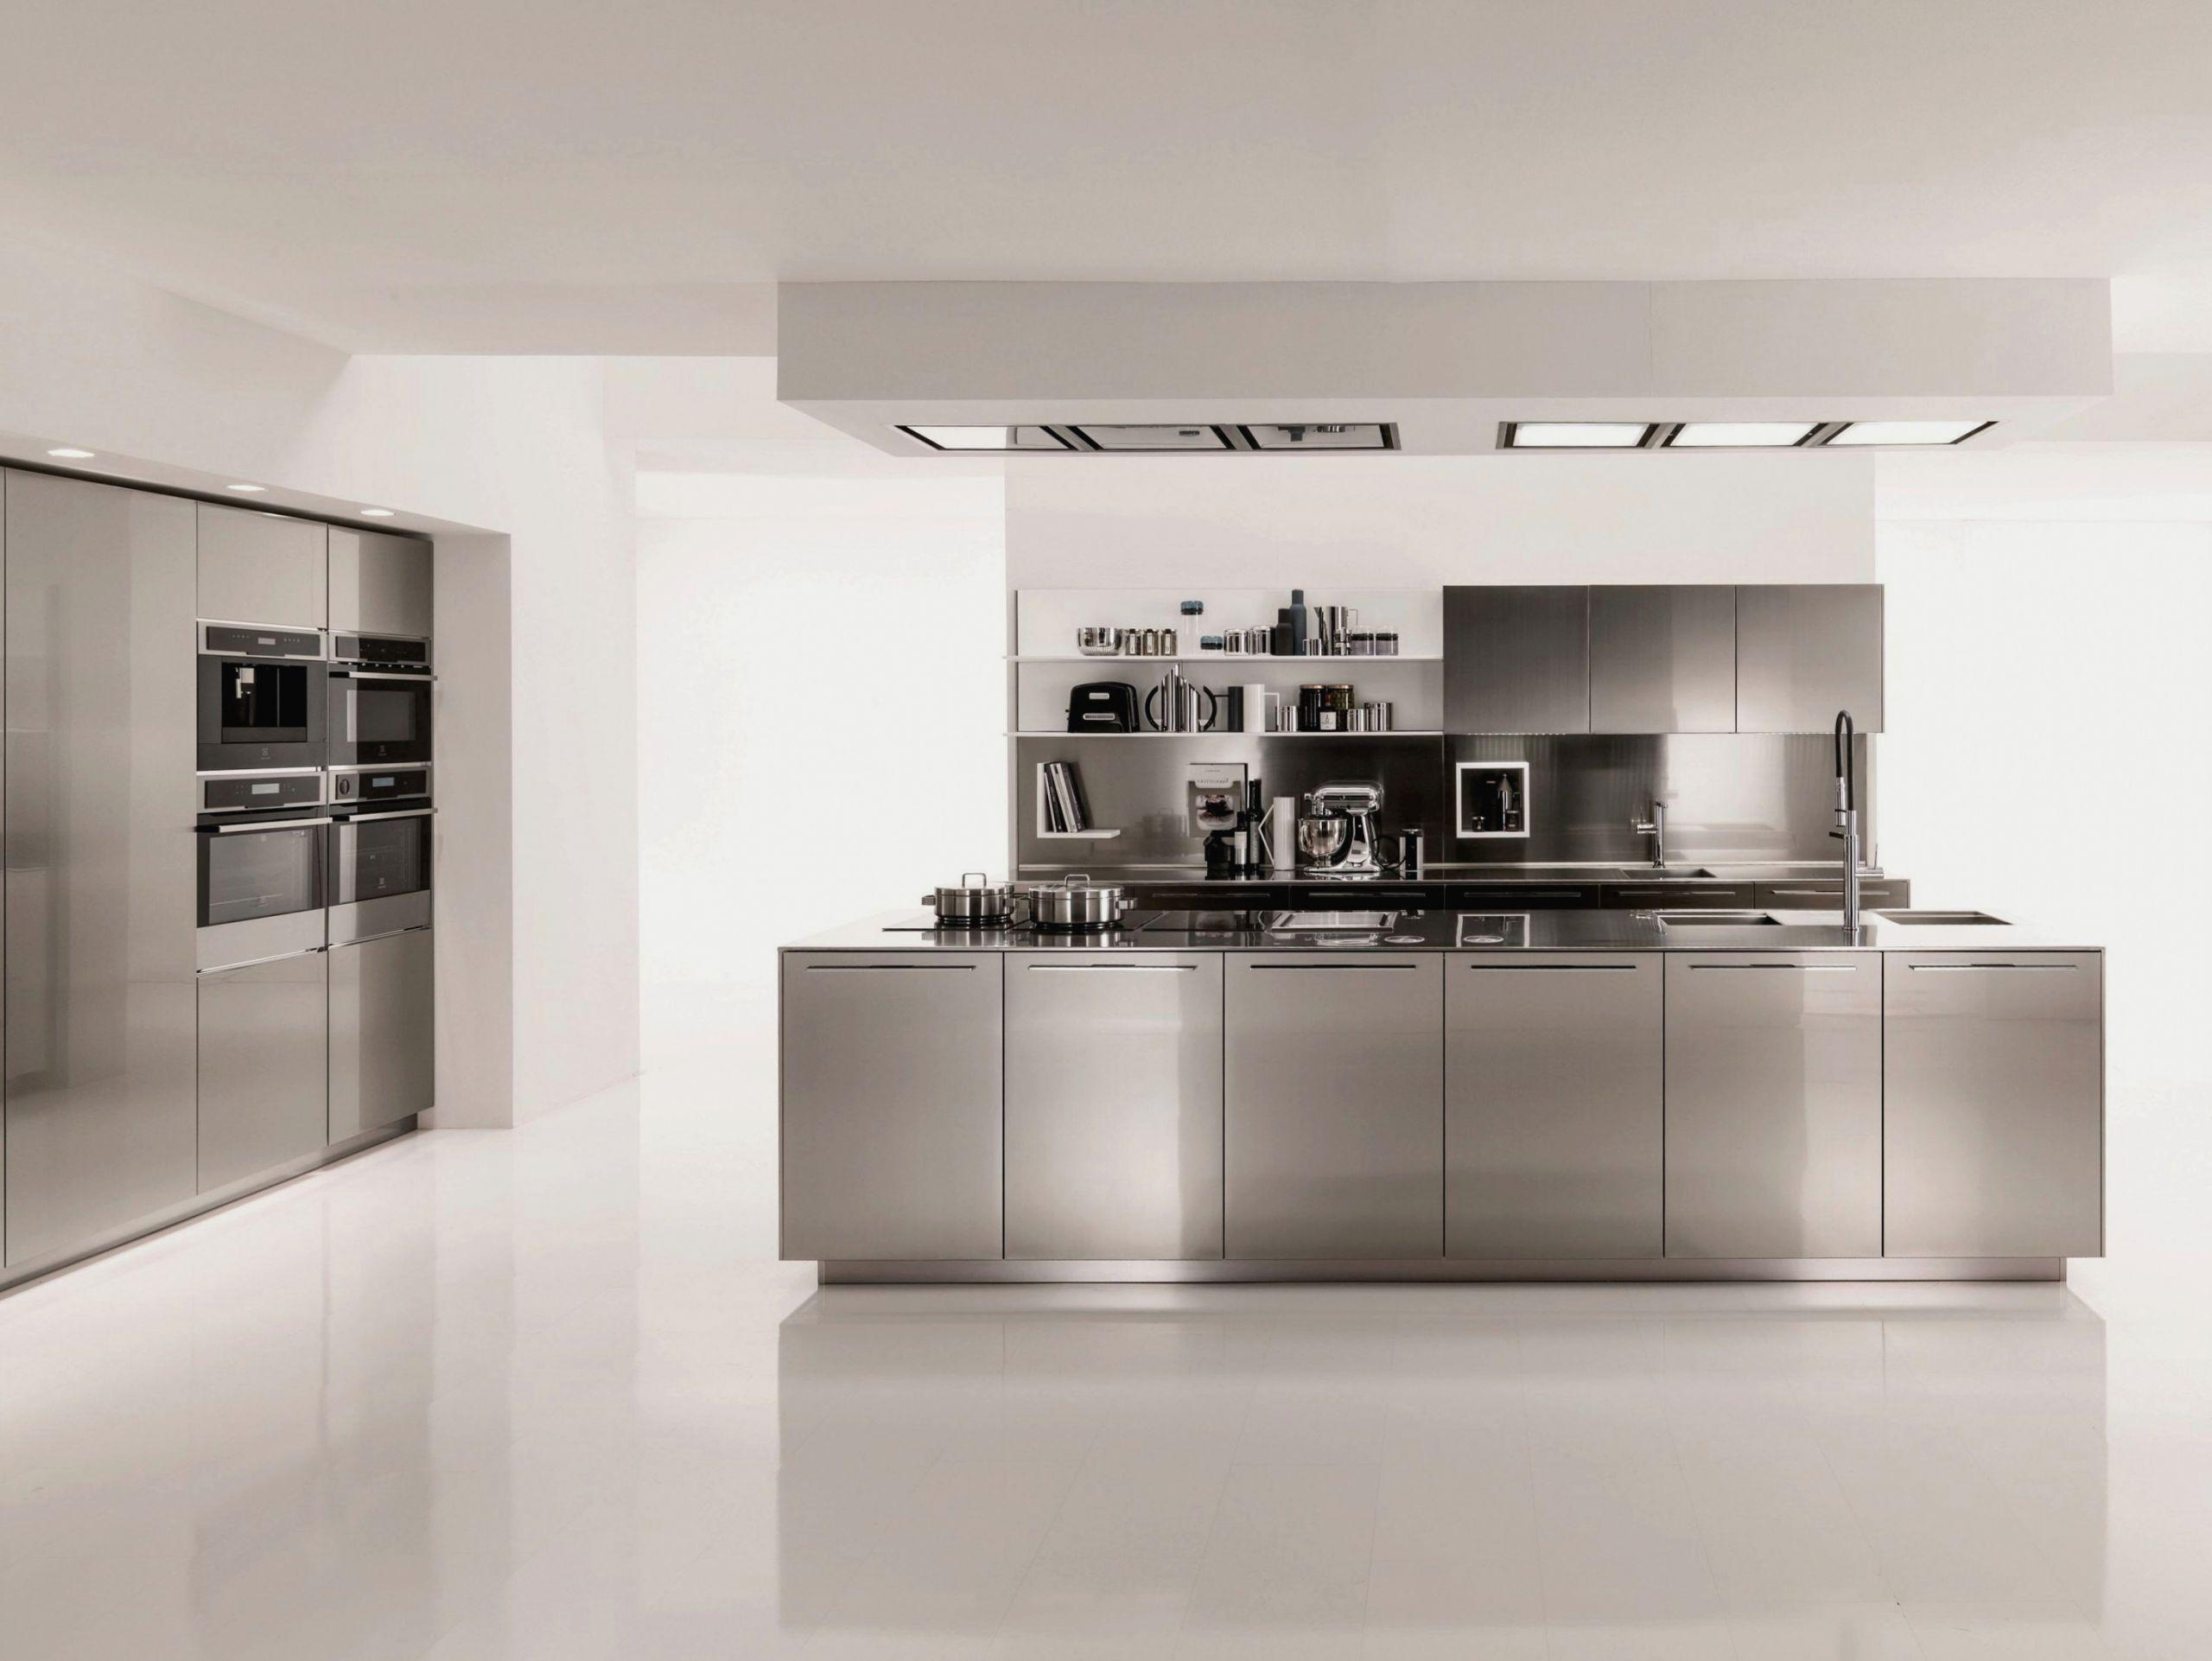 Full Size of Wasserhahn Kche Edelstahl Chesterfield Sofa Gebraucht Deckenleuchten Küche Selbst Zusammenstellen Was Kostet Eine Neue Modul Gardinen Für Die Arbeitsplatte Wohnzimmer Edelstahl Küche Gebraucht